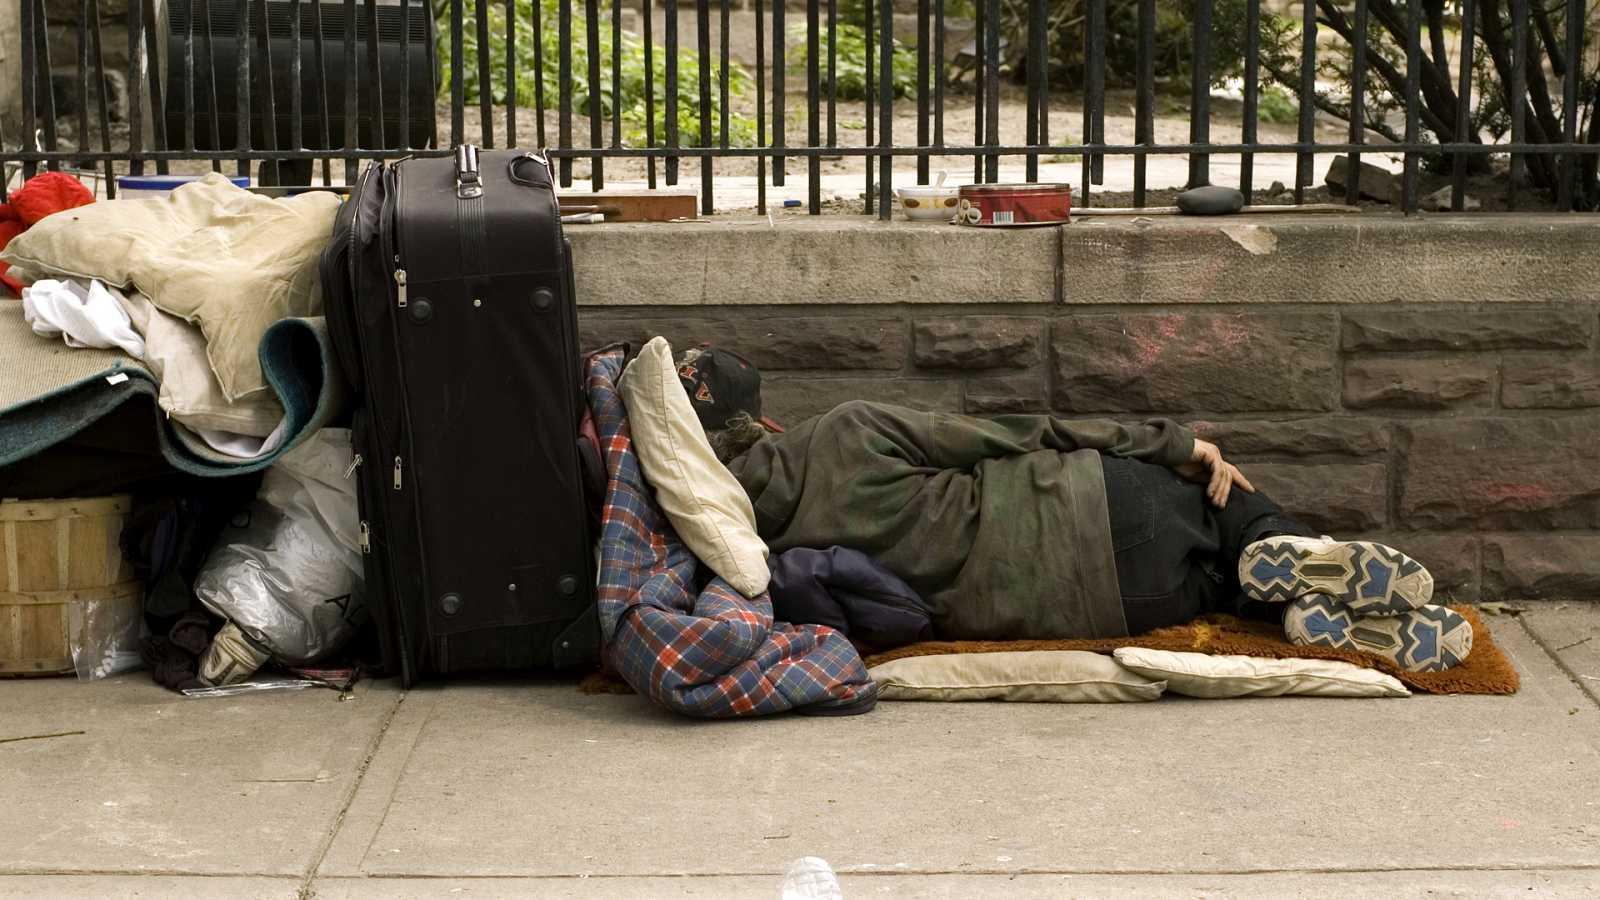 Punto de enlace - Hogar Si reclama vacunación prioritaria al colectivo de personas sin hogar - 03/05/21 - escuchar ahora